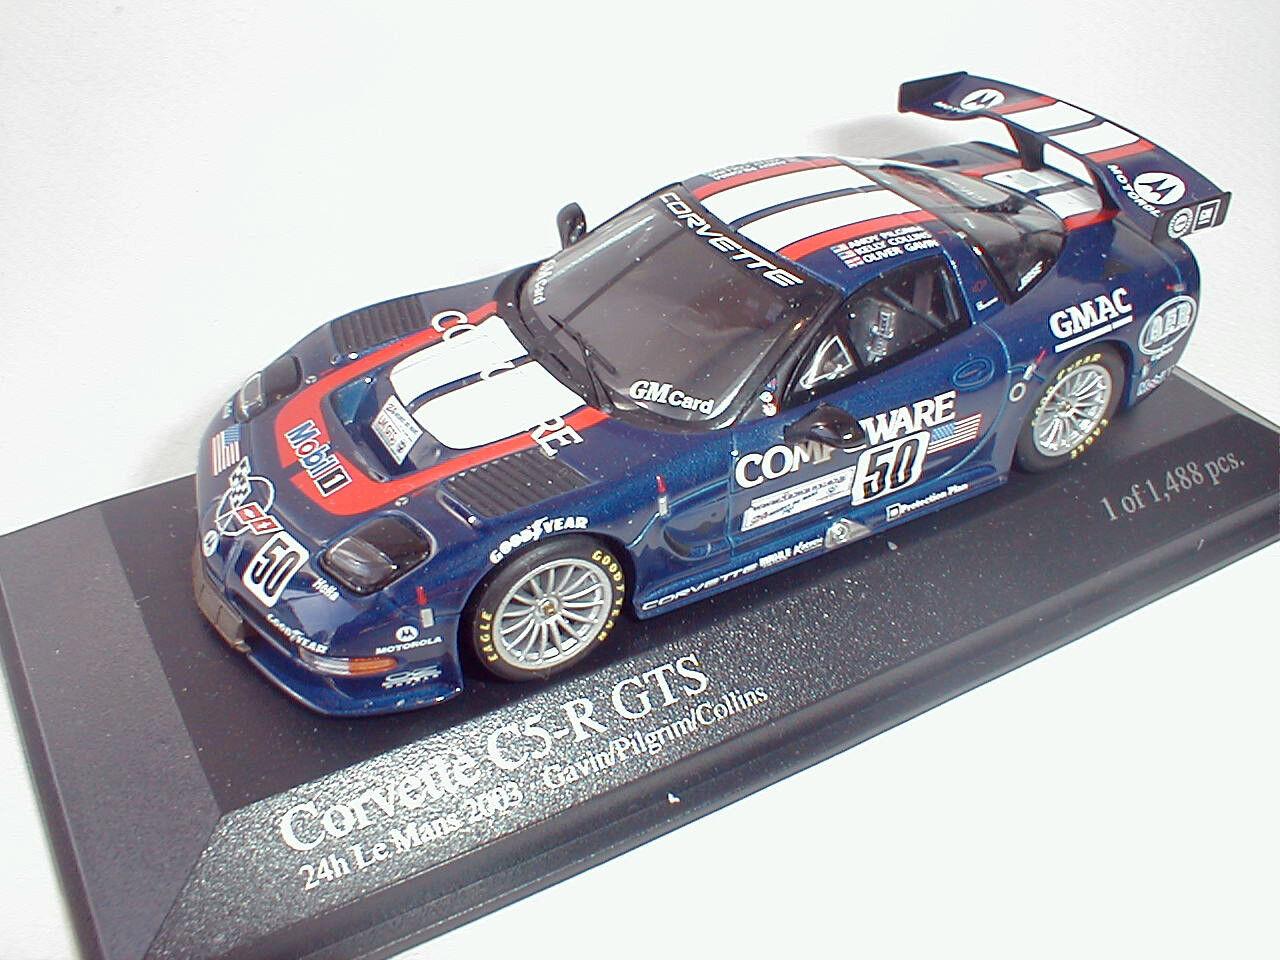 Minichamps 1 43 Chevrolet Chevrolet Chevrolet Corvette C5-R GTS  50 Le Mans 2003 6fe1cb